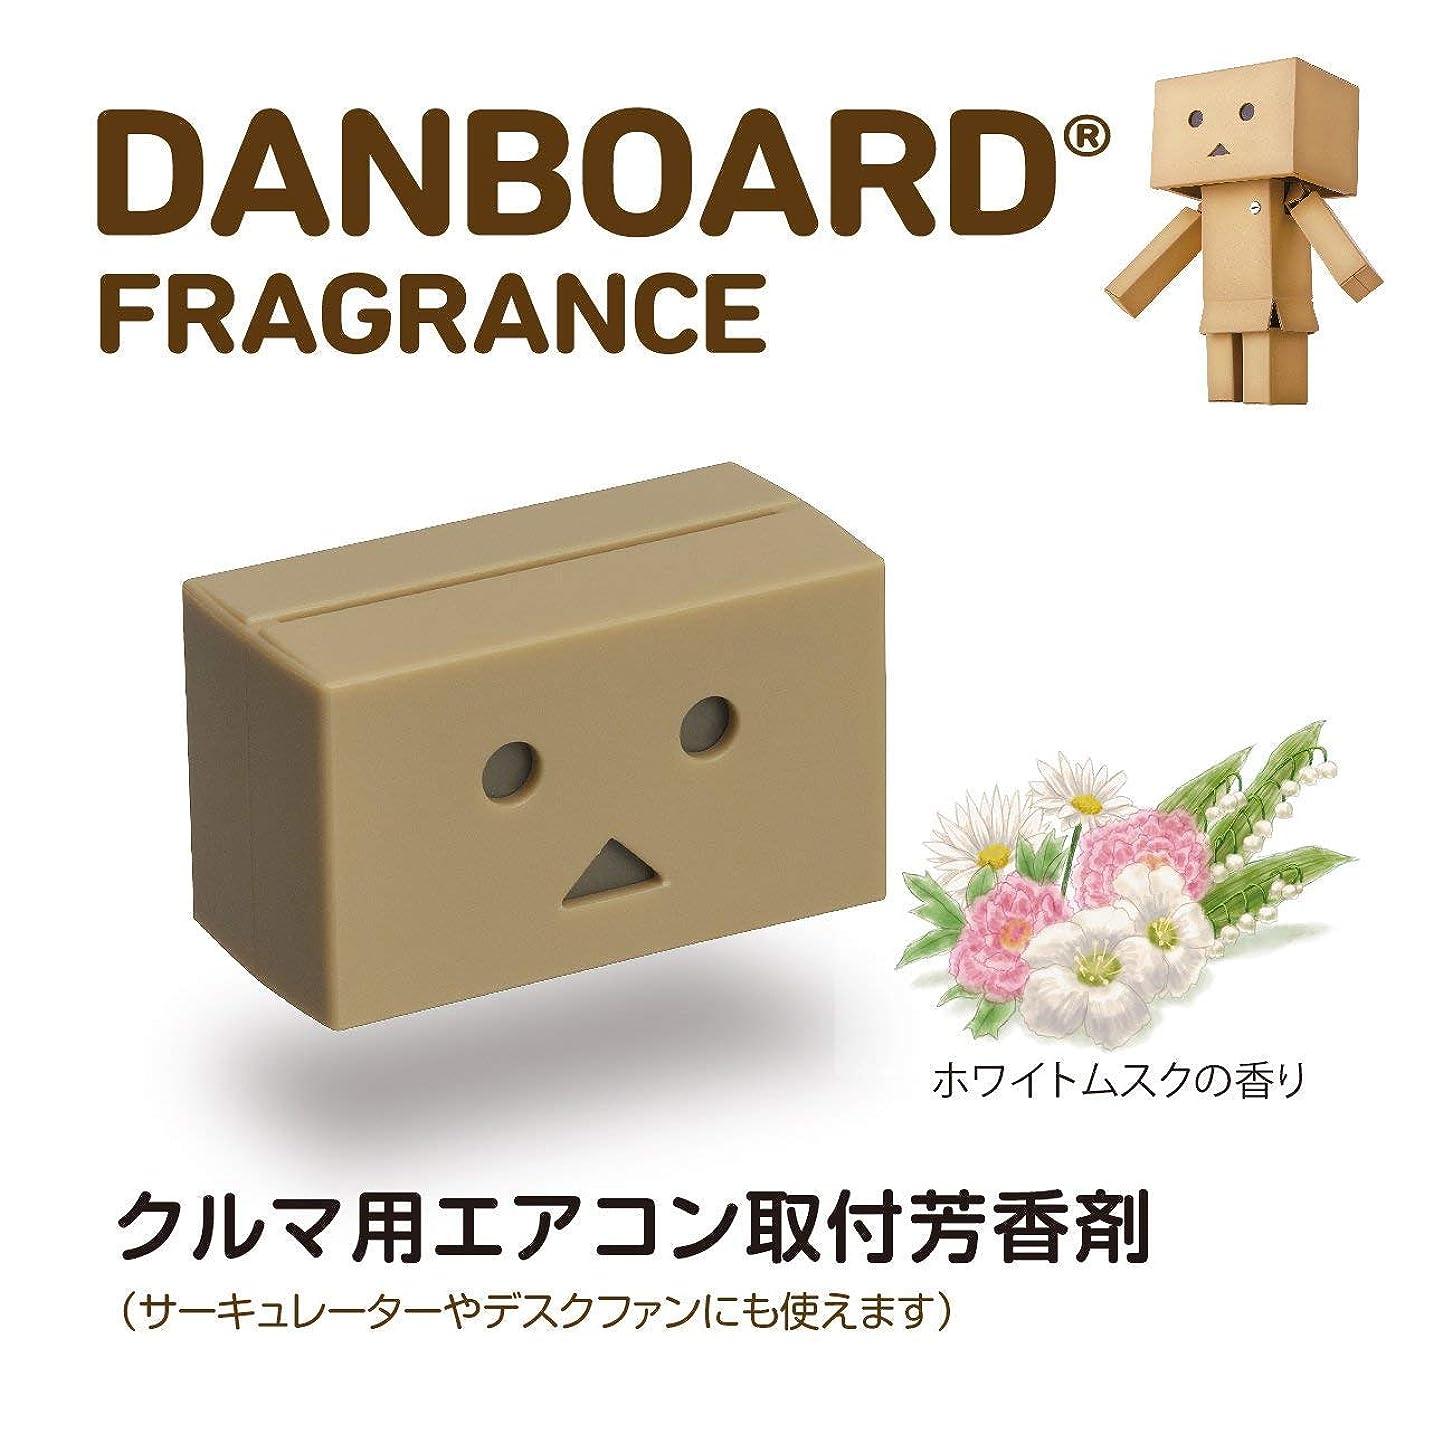 アクセス競争力のある動【Amazon.co.jp限定】ダンボー エアコン/サーキュレーター取付タイプ 芳香剤 ホワイトムスク H981